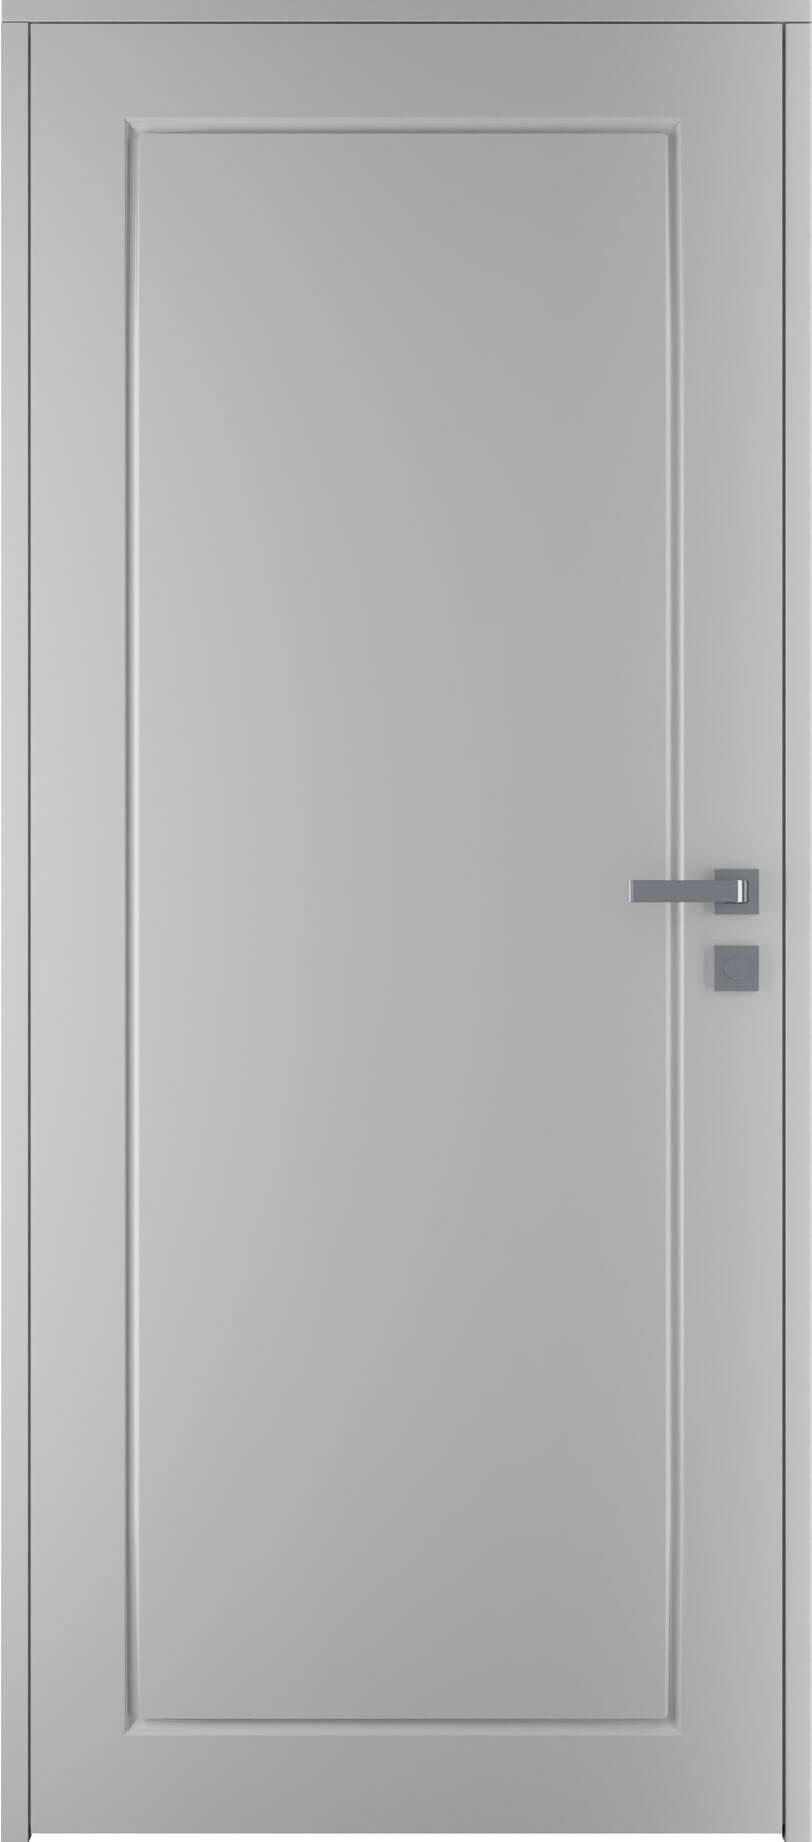 SVPF04-RAL7035-w